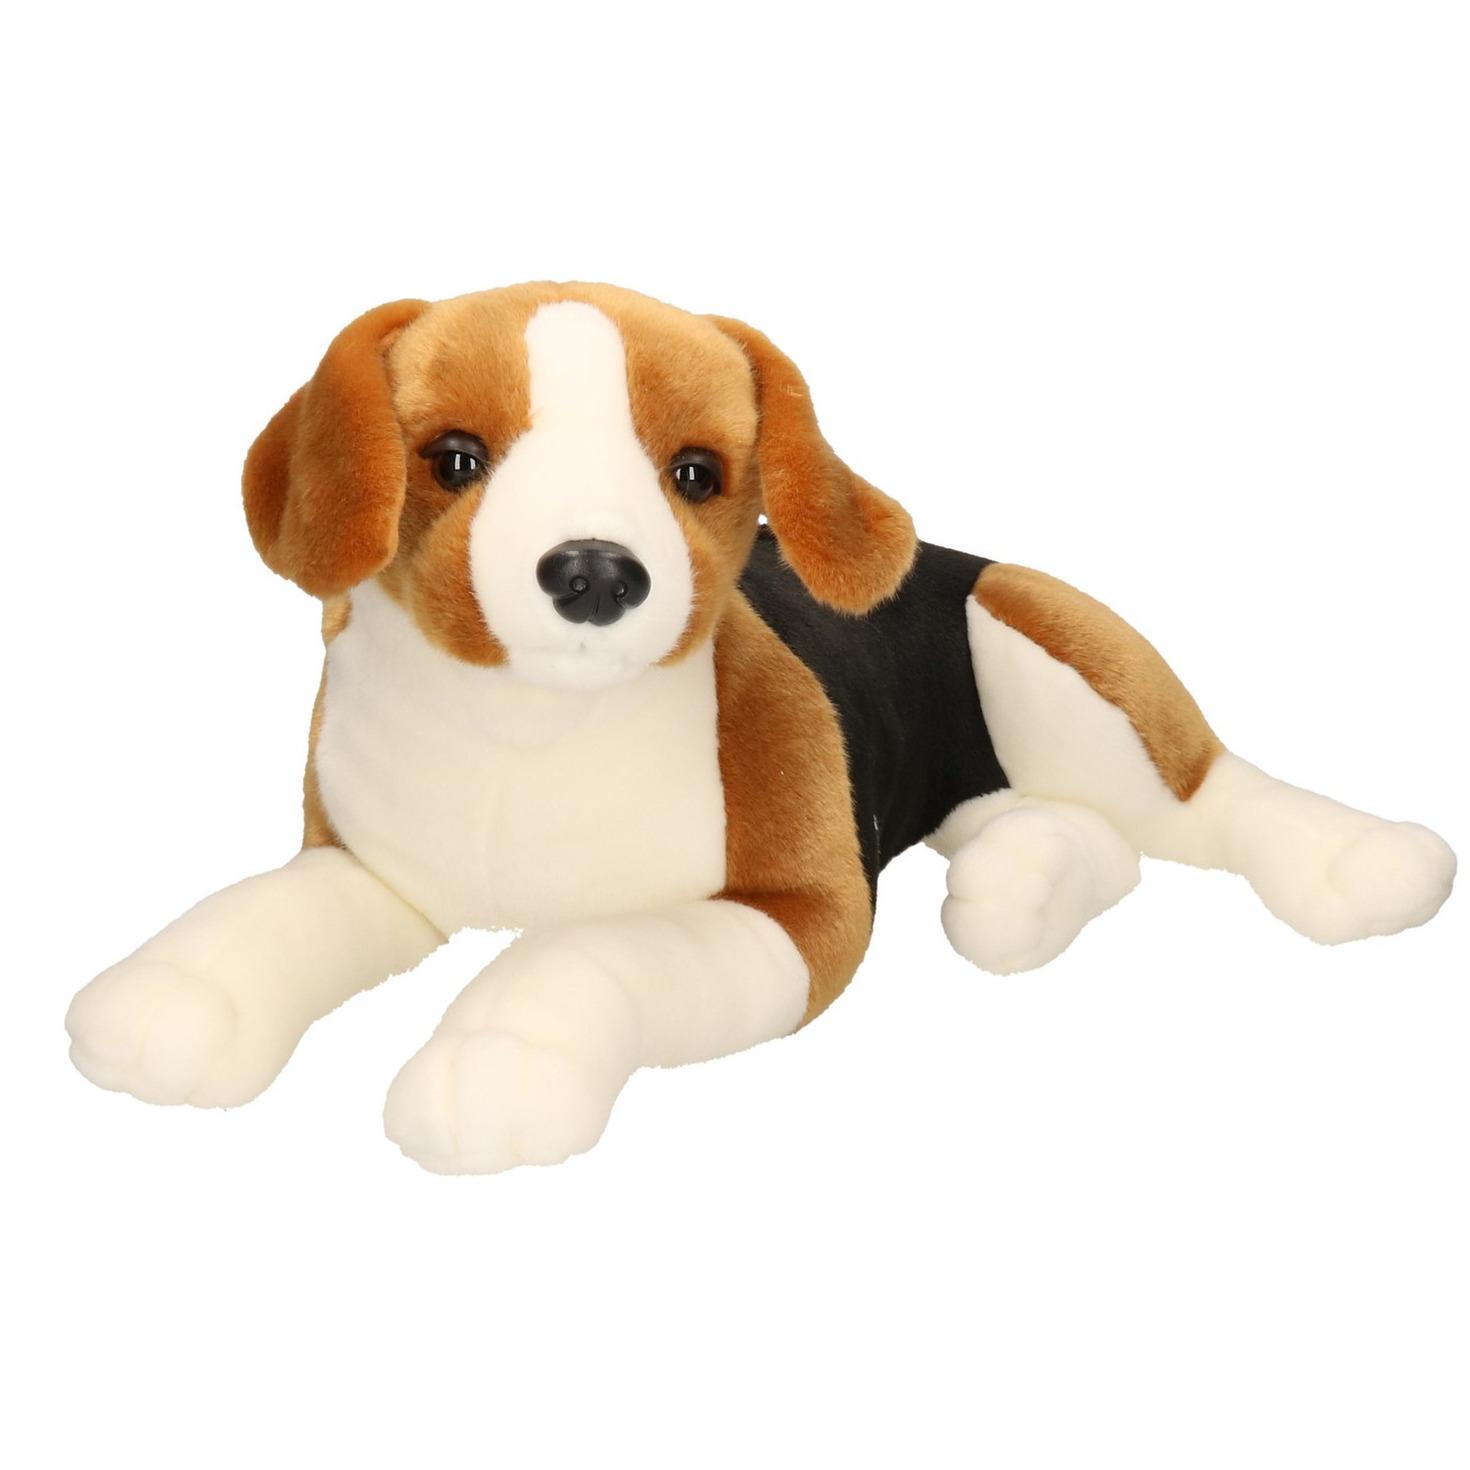 XL Knuffel Beagle hond bruin-zwart 53 cm knuffels kopen